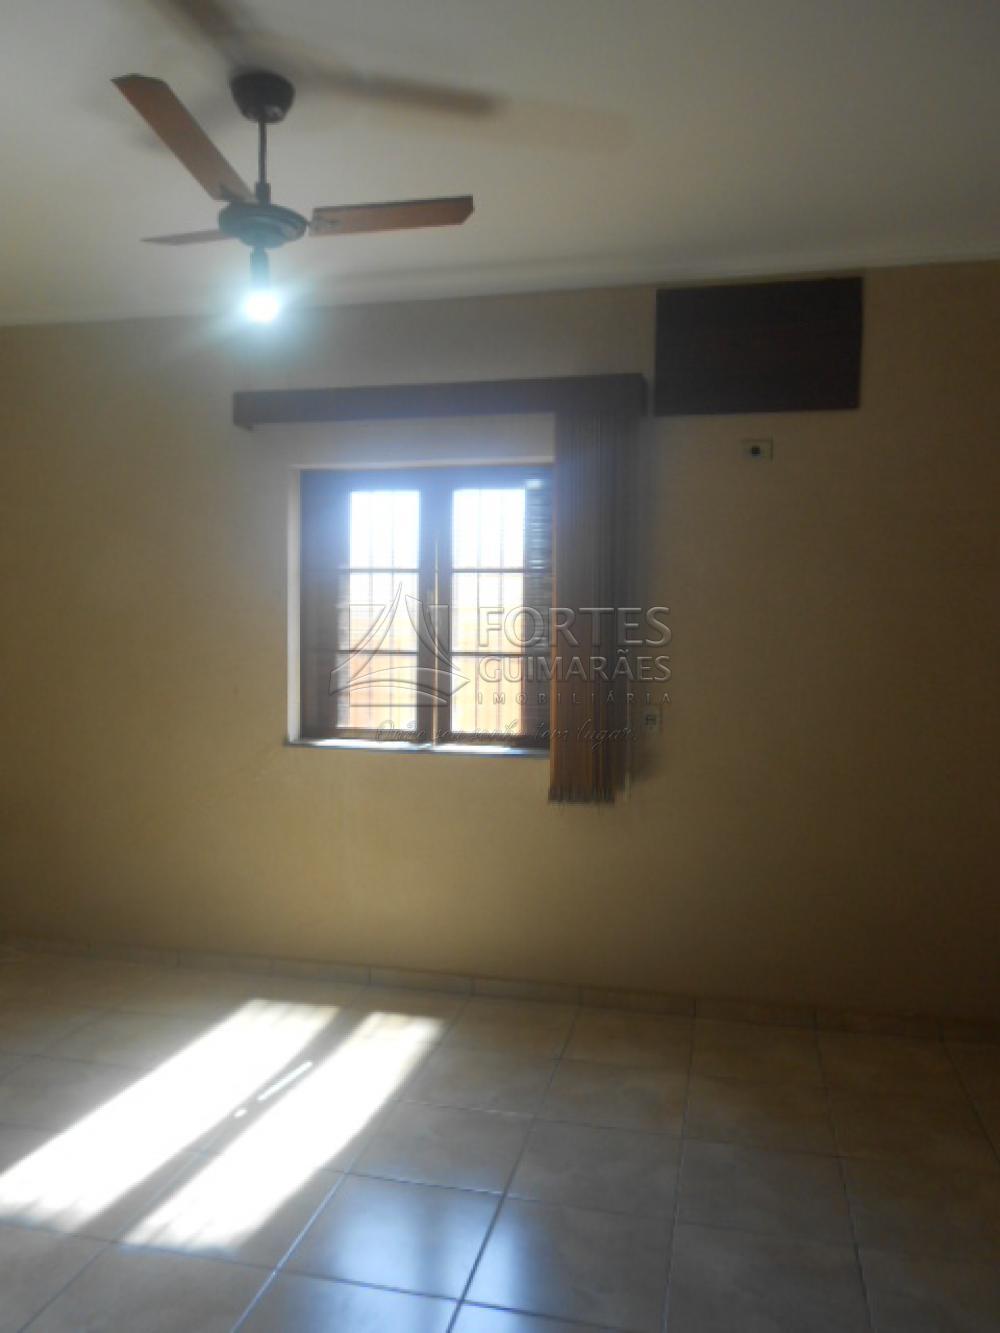 Alugar Casas / Padrão em Ribeirão Preto apenas R$ 2.500,00 - Foto 35